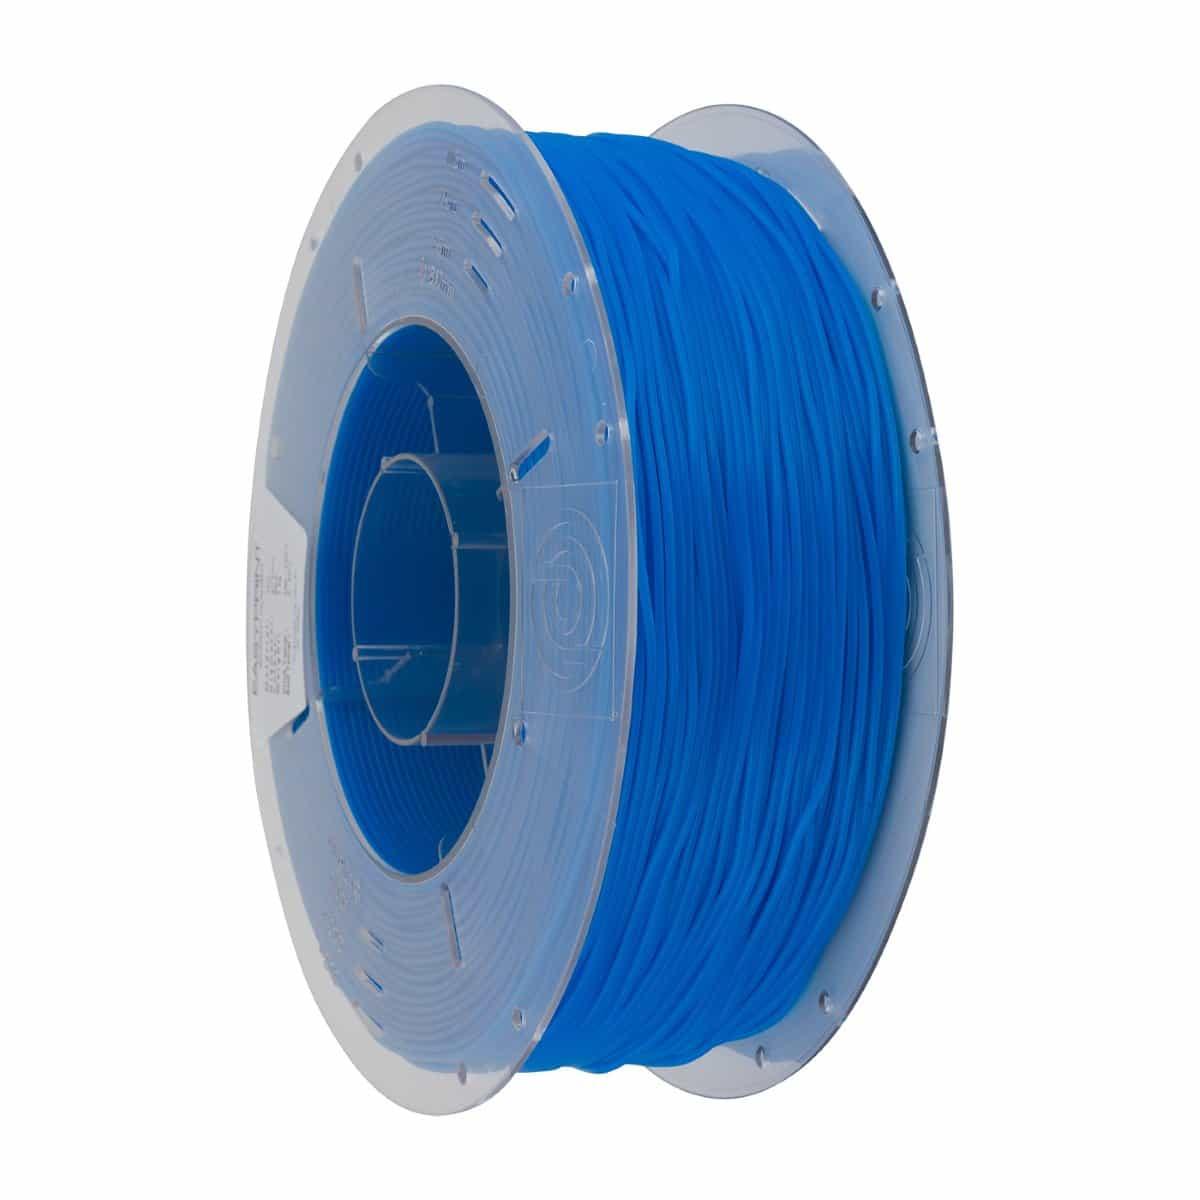 Image of PrimaCreator™ EasyPrint FLEX 95A - 1.75mm - 1 kg - Blue